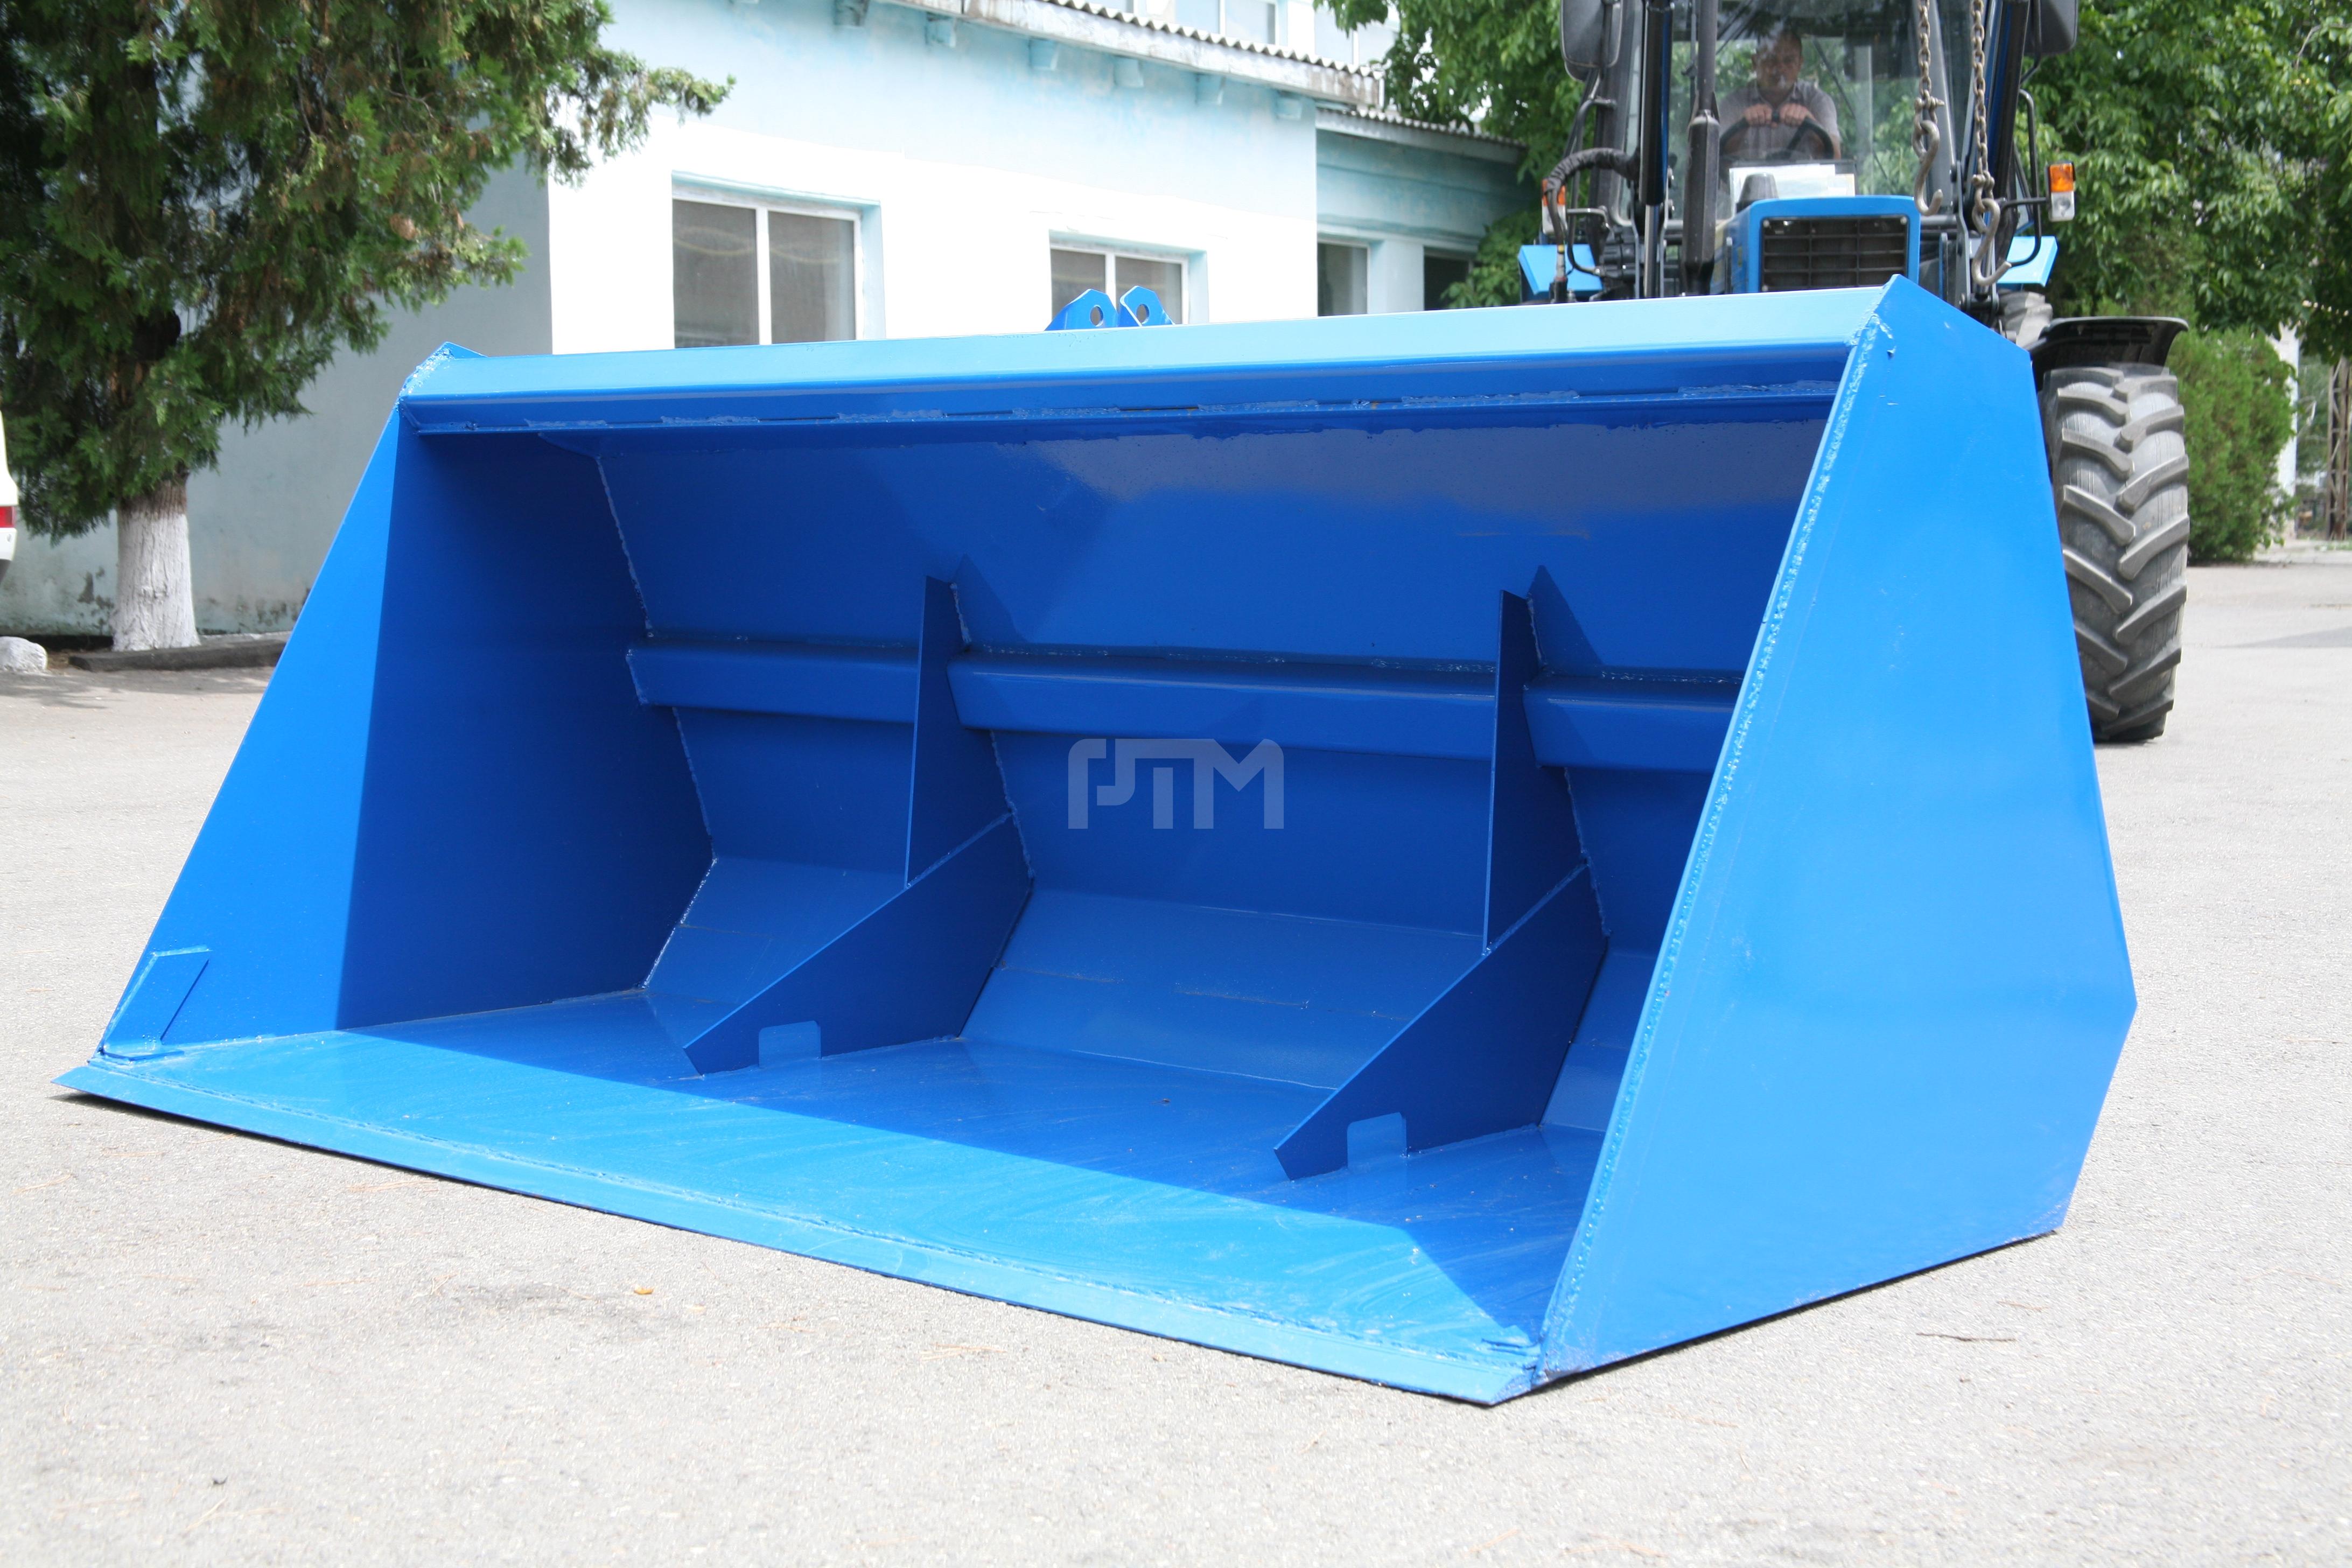 ПБМ-1200-2